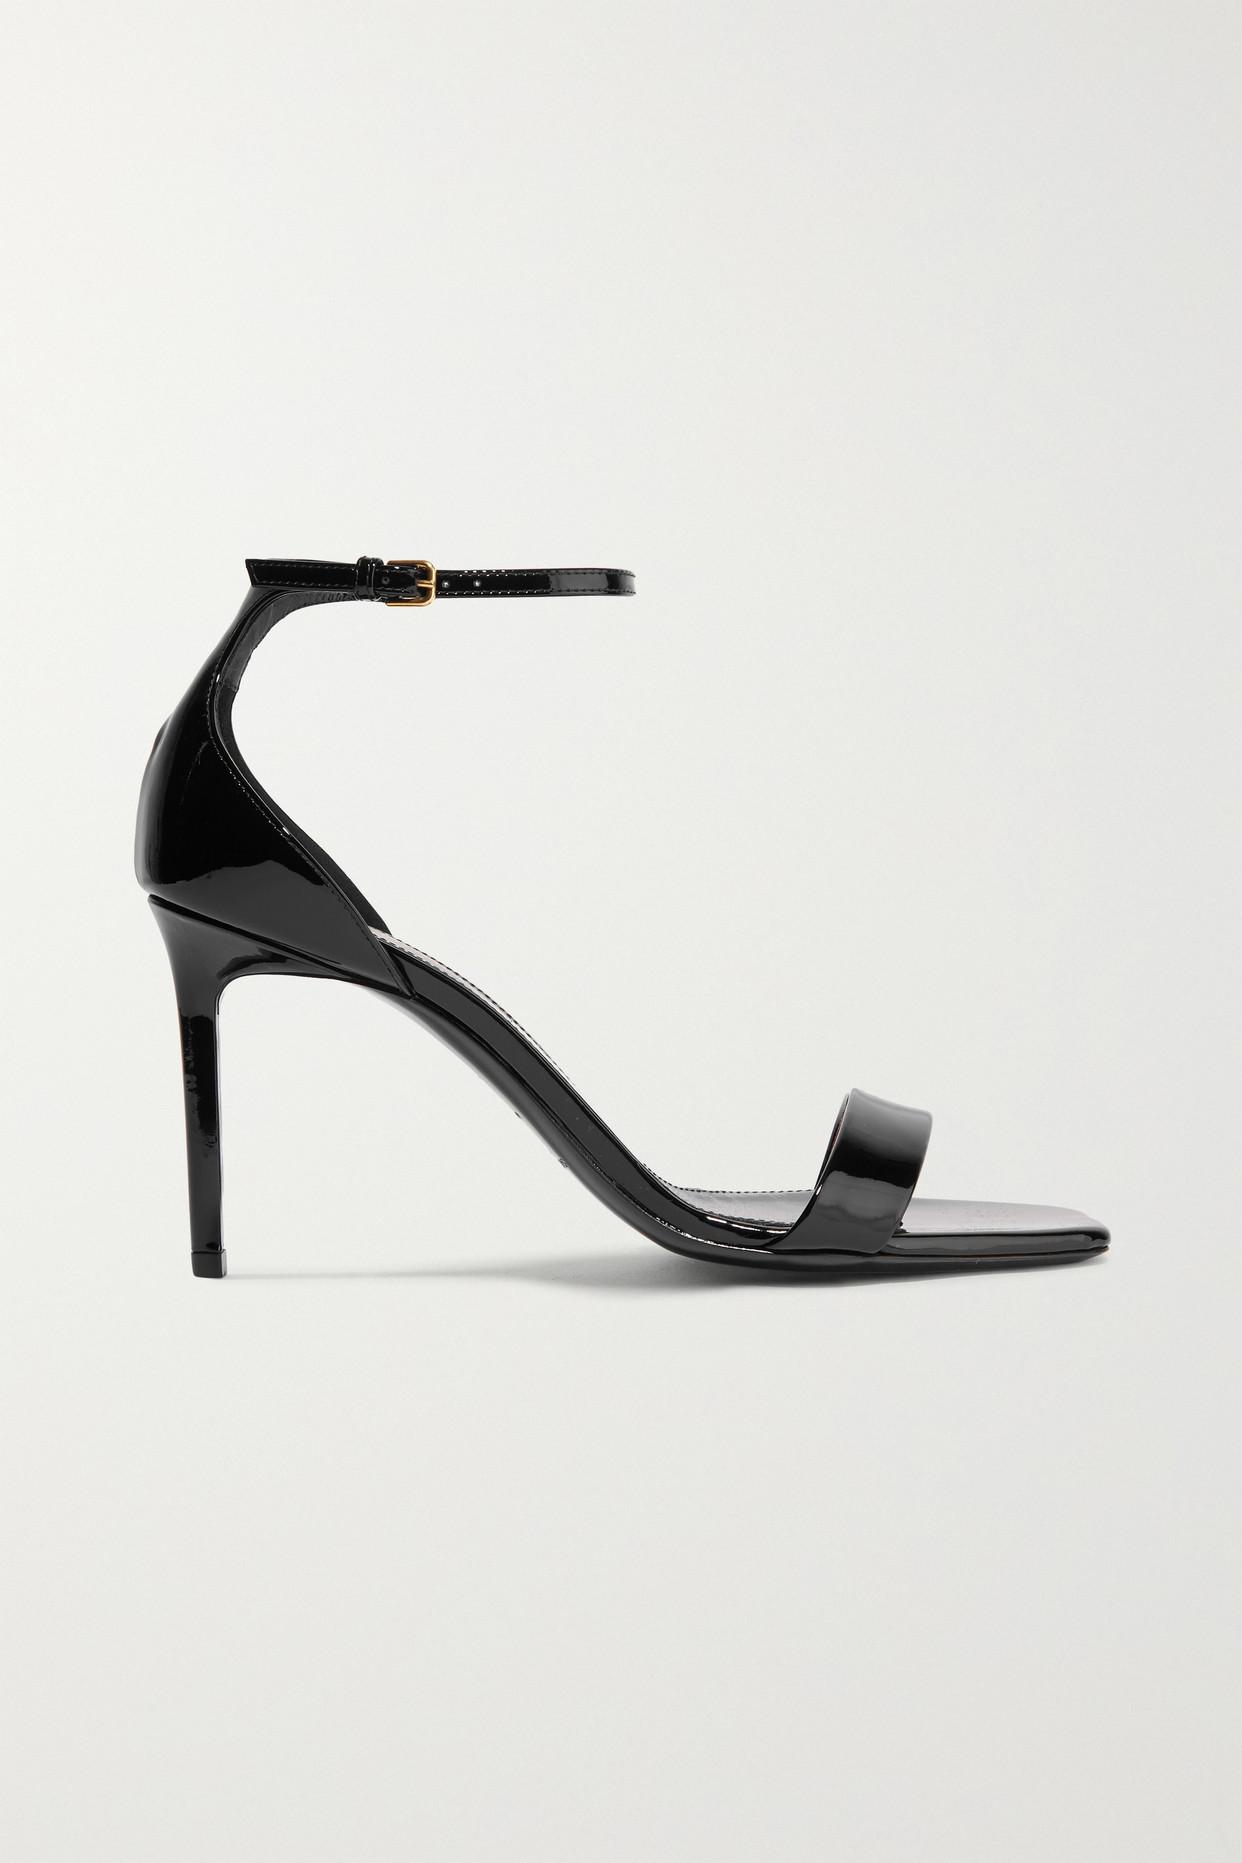 SAINT LAURENT - Amber Patent-leather Sandals - Black - IT36